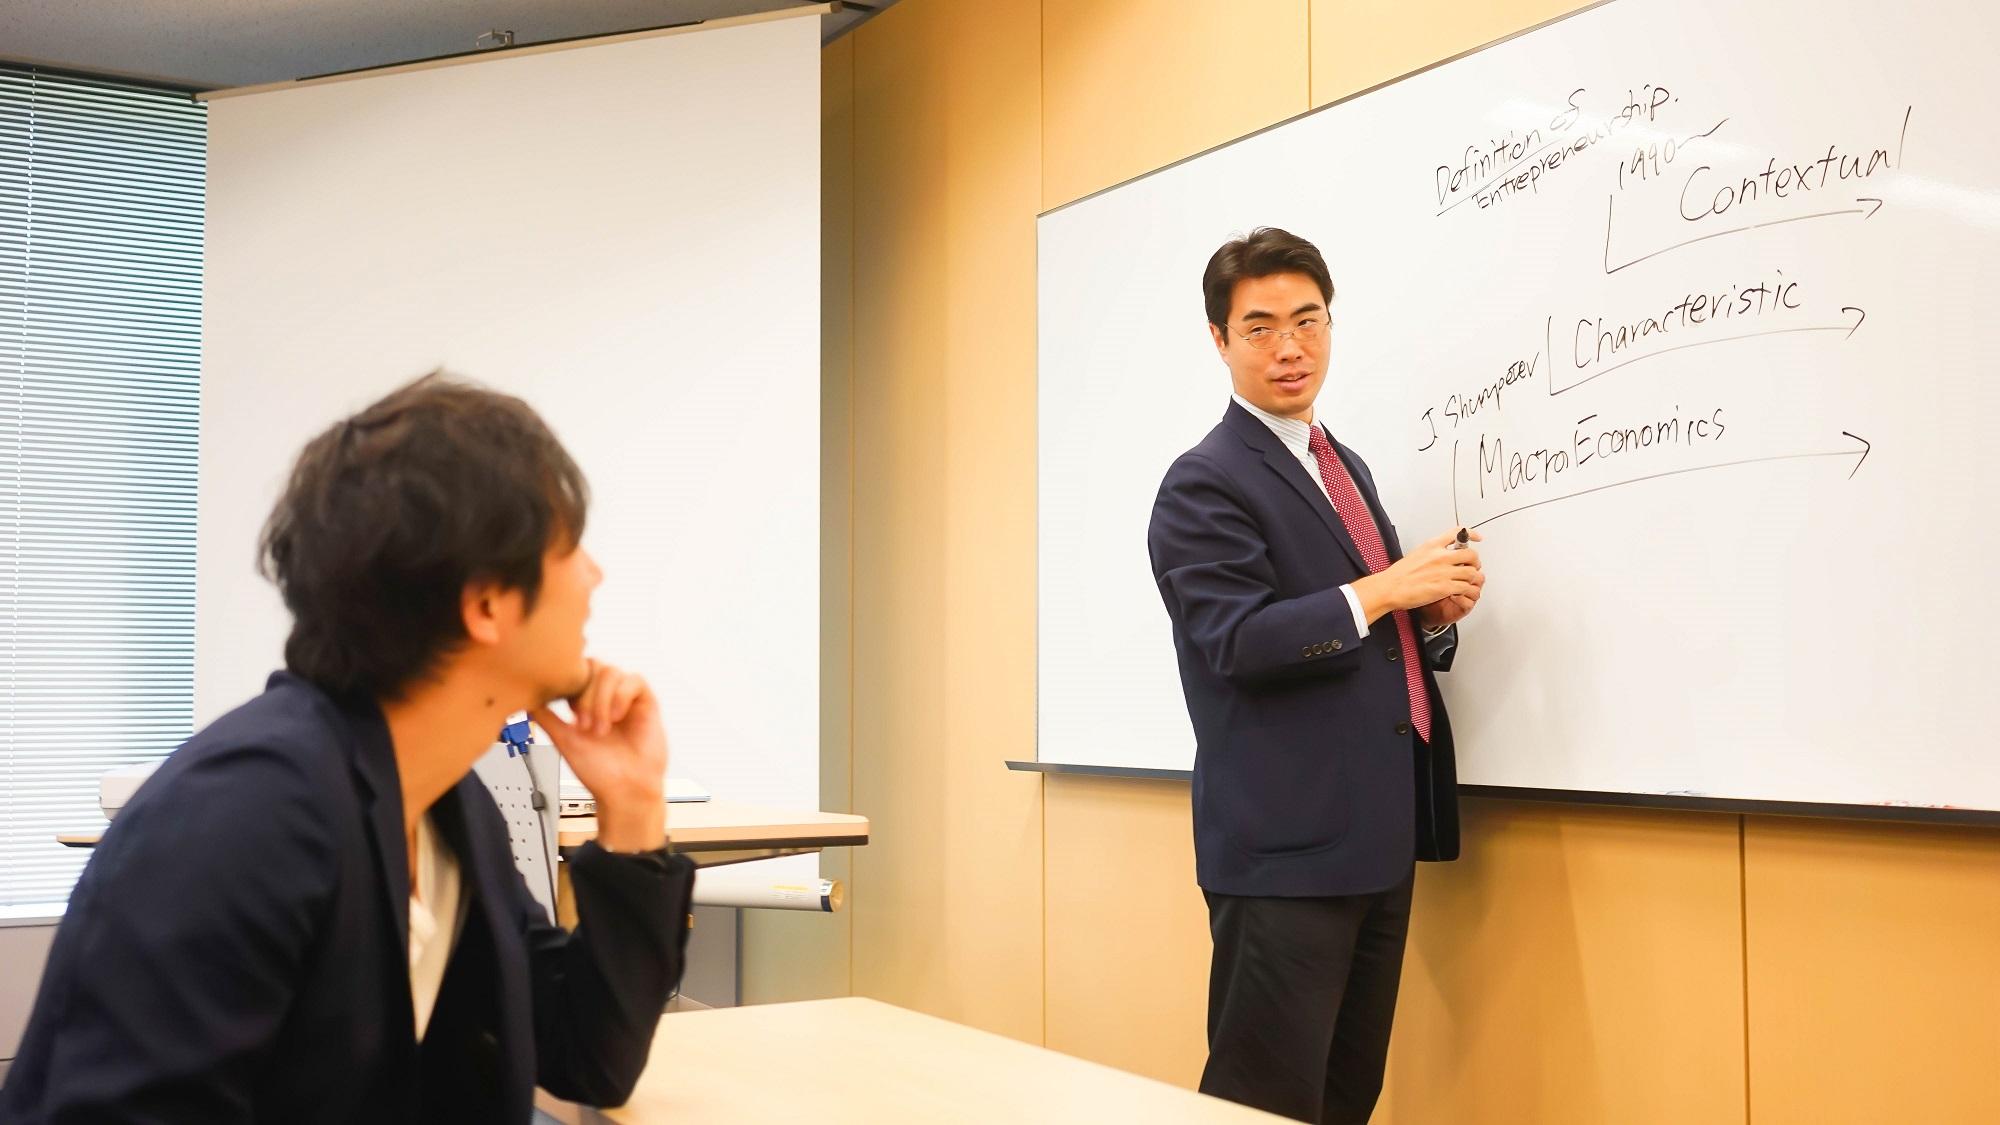 グロービスMBA准教授・川上慎市郎×中村あきら対談